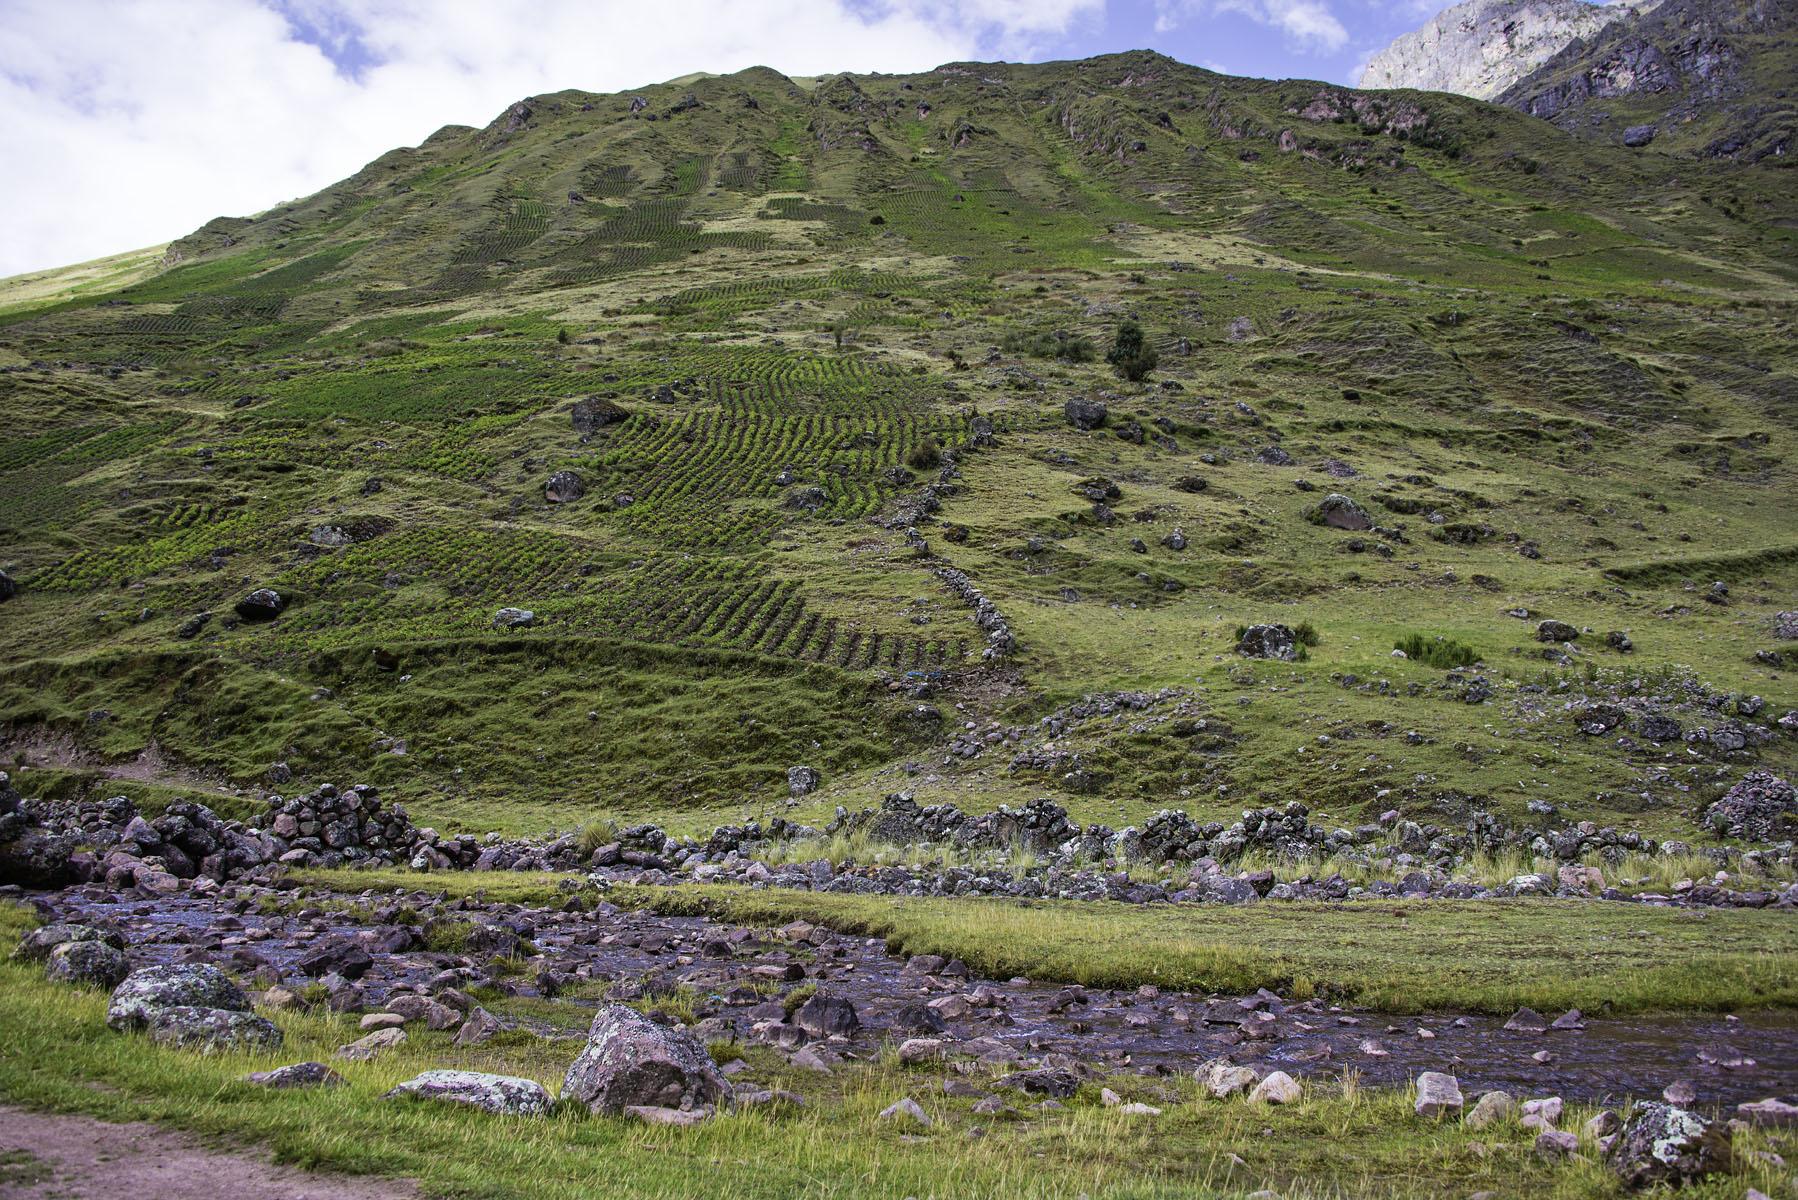 393-Peru-5-15_web.jpg